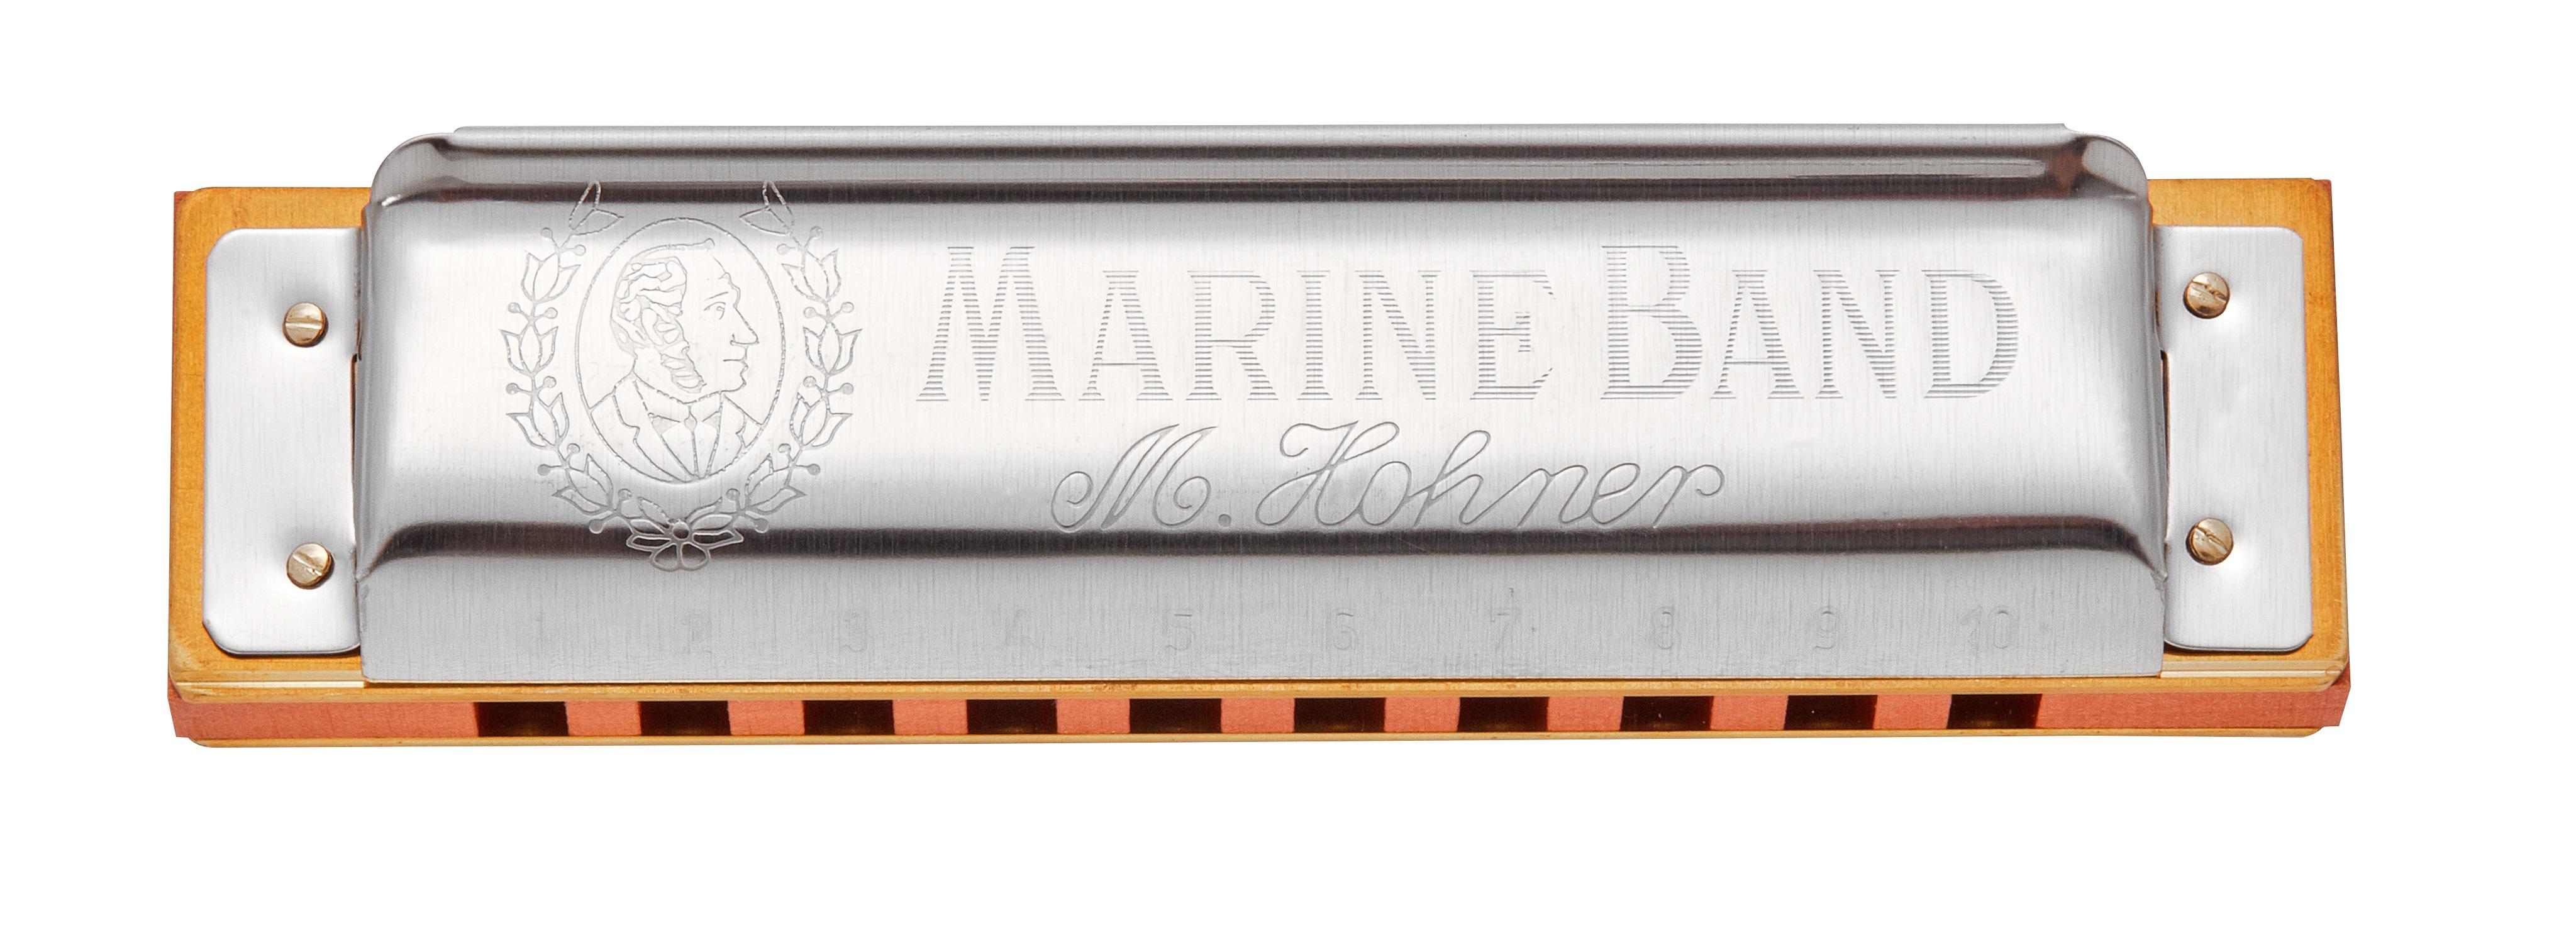 Hohner Marine Band 1896 Db-harmonic minor